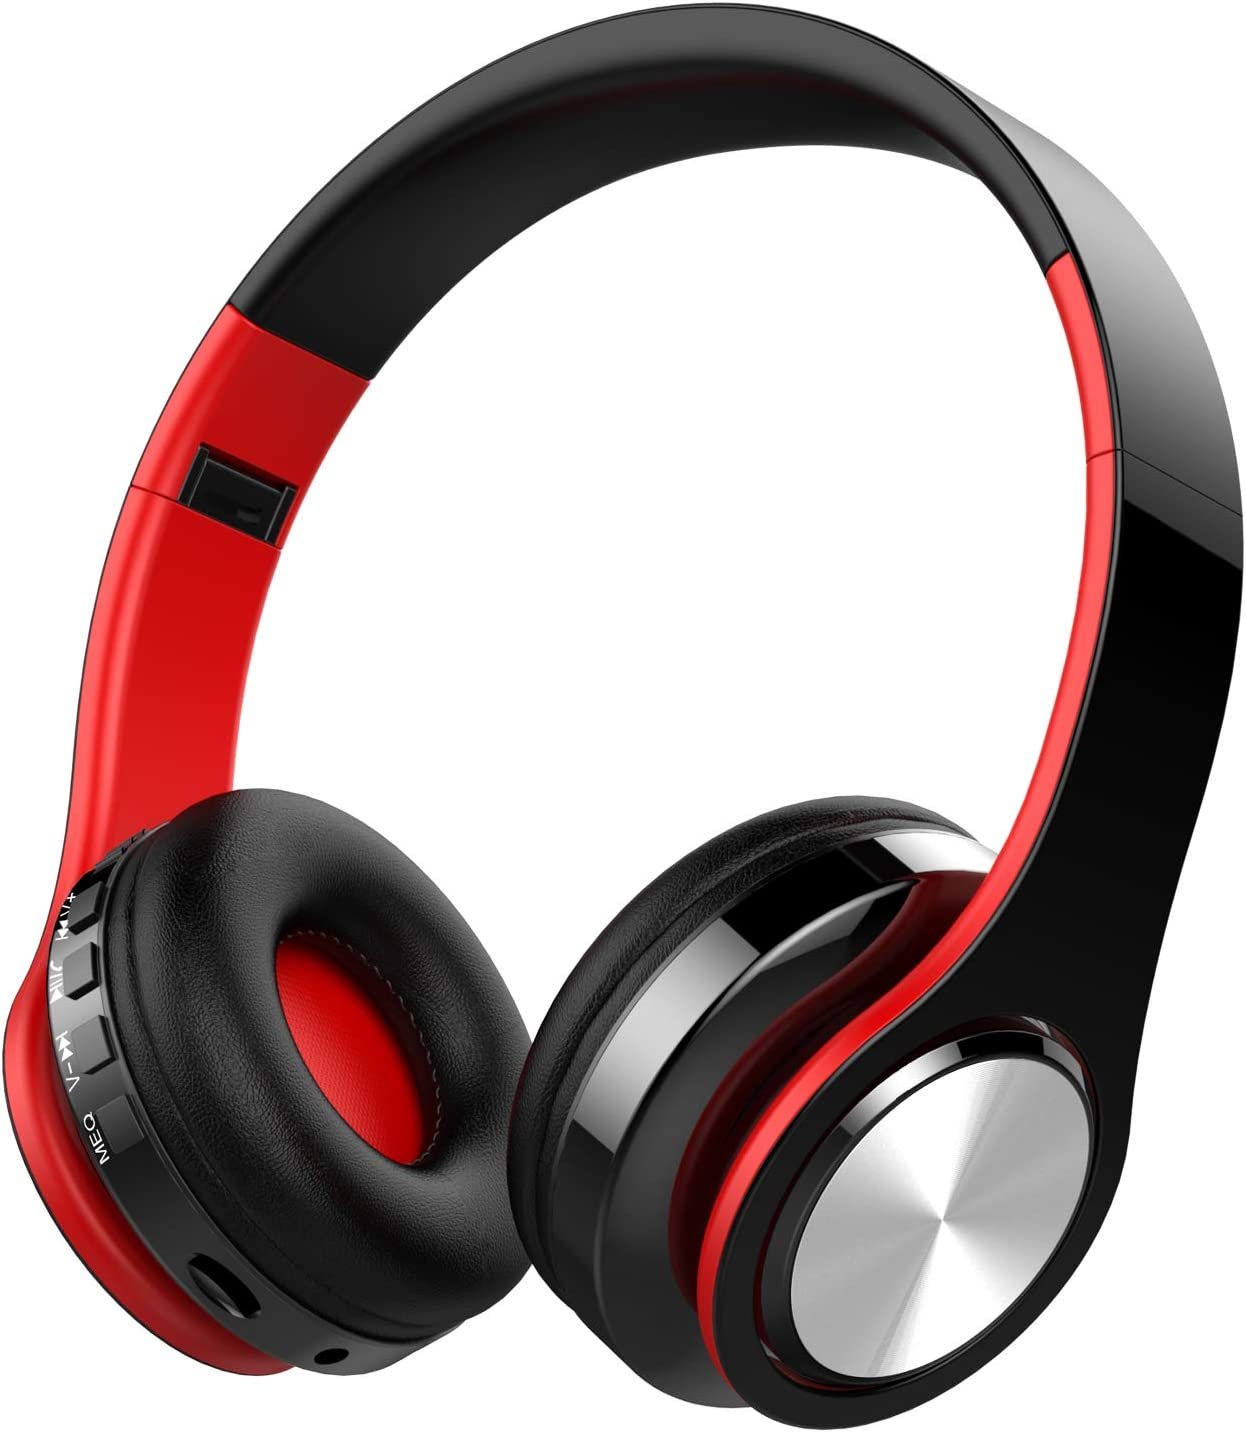 Cascos Bluetooth Inalámbricos, OLTA Auriculares Plegable con Micrófono, Manos Libres, Almohadillas de Protección Cómodo, MicroSD, para iPhone y Android Rojo